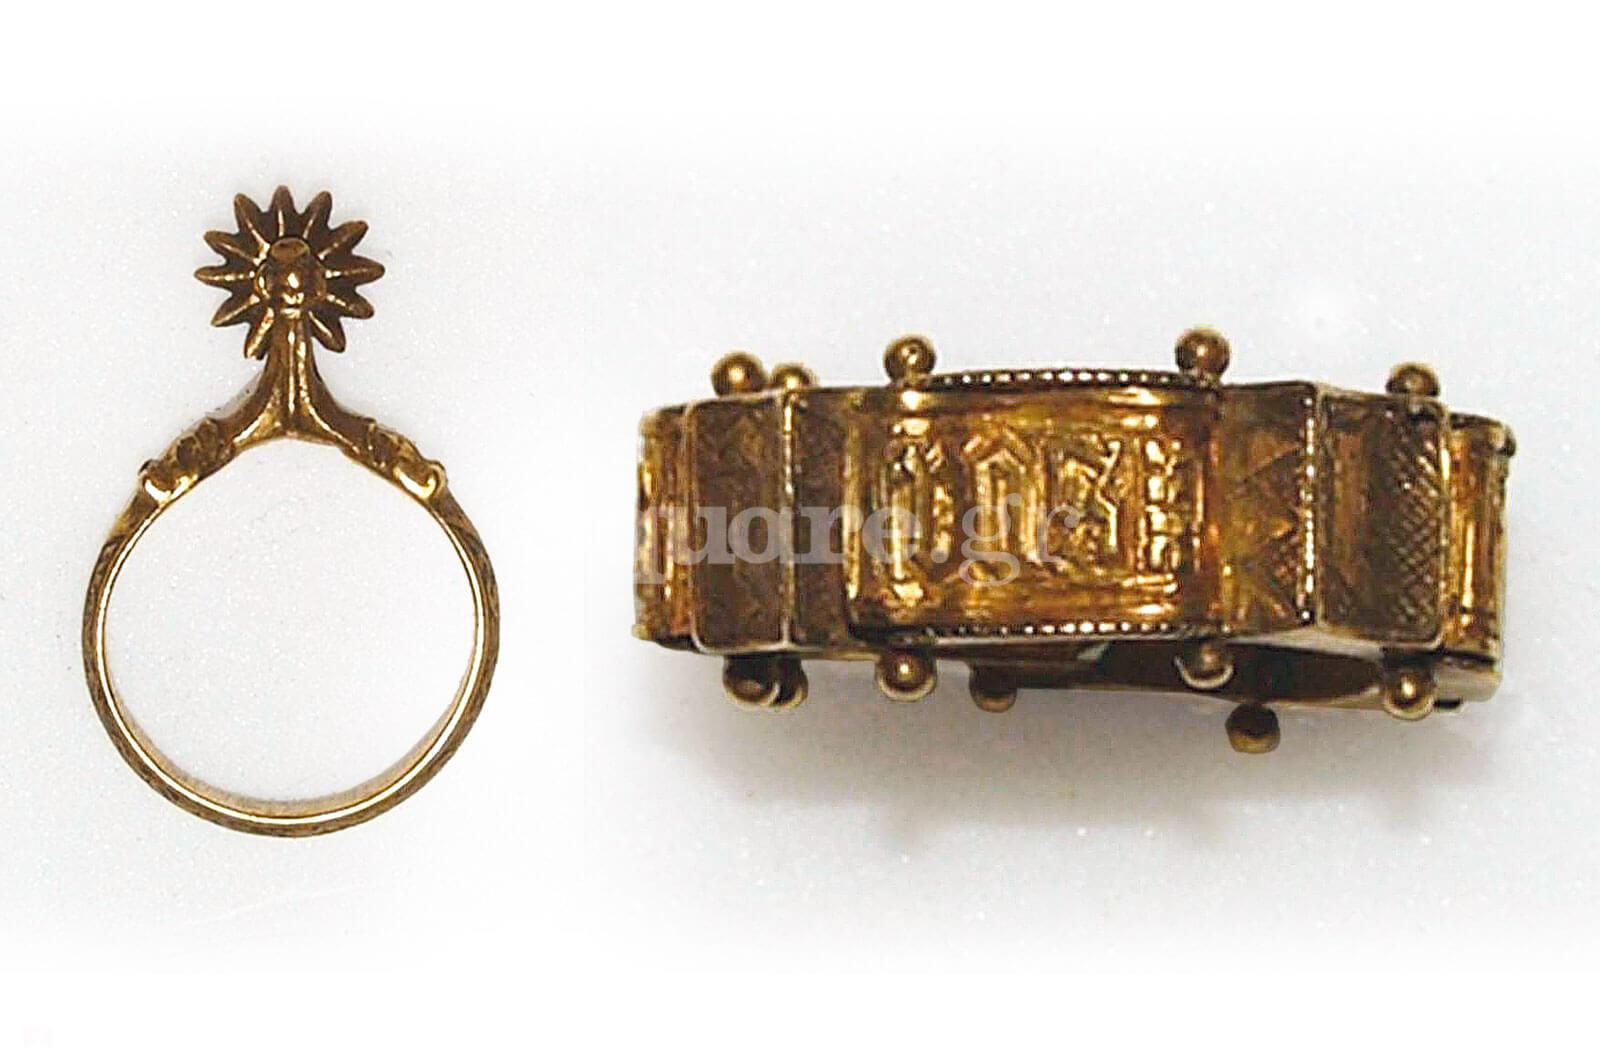 12-Δύο-χρυσά-δακτυλίδια-από-τον-«θησαυρό»-της-Χαλκίδας